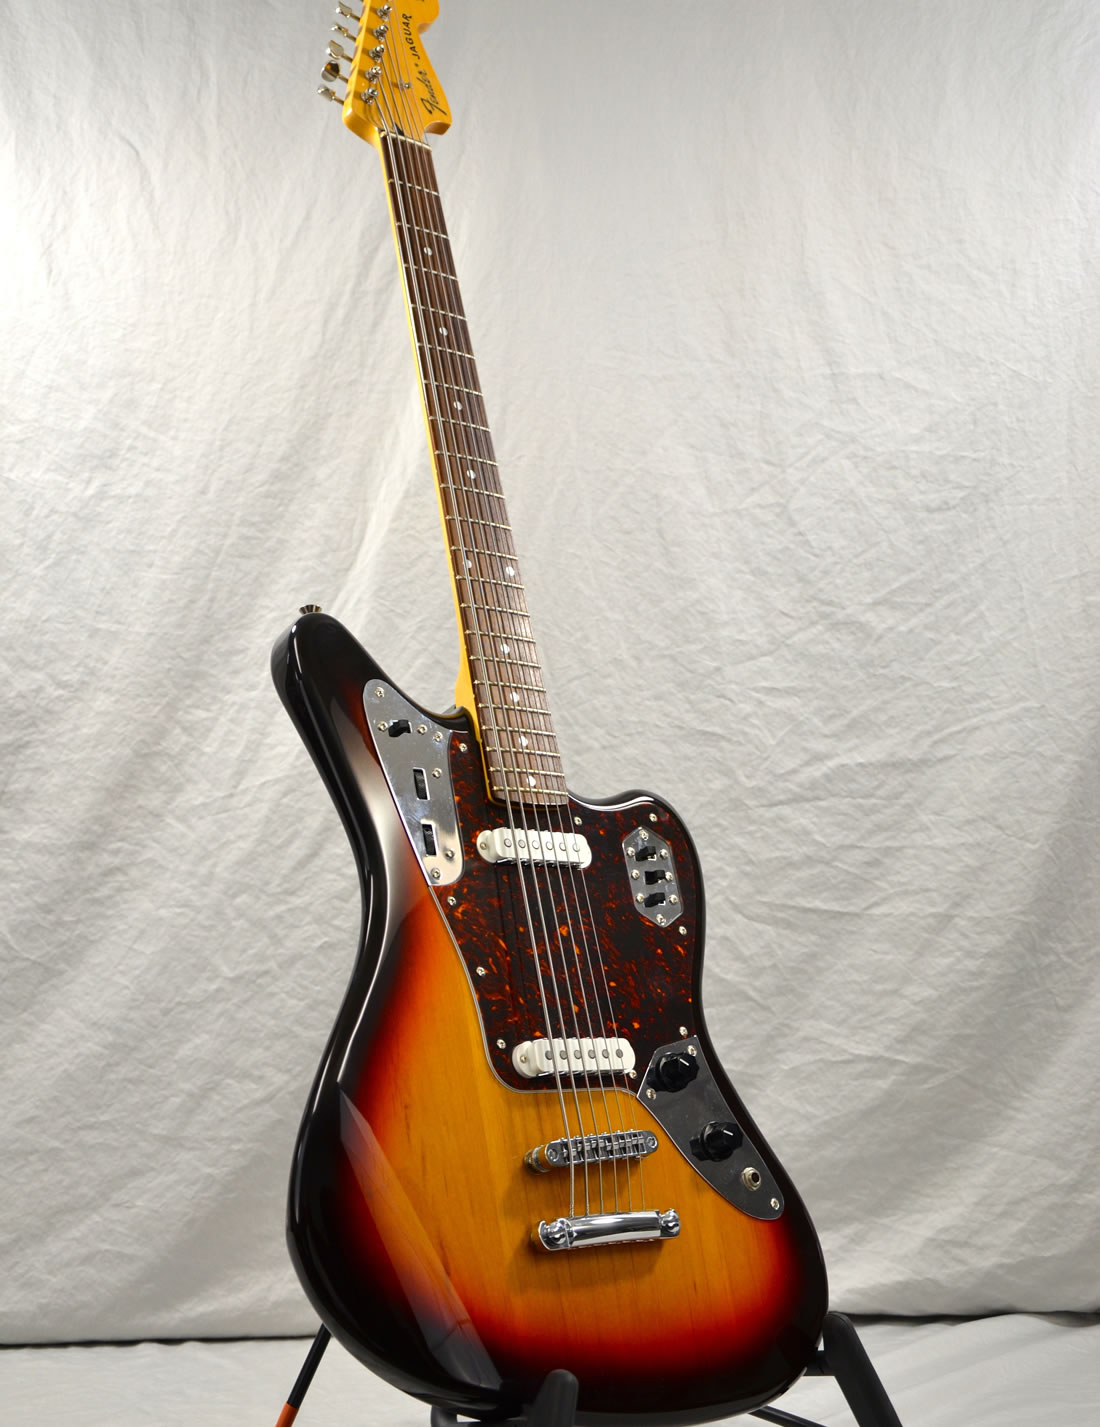 fender jaguar baritone bass vintage guitars and amps. Black Bedroom Furniture Sets. Home Design Ideas